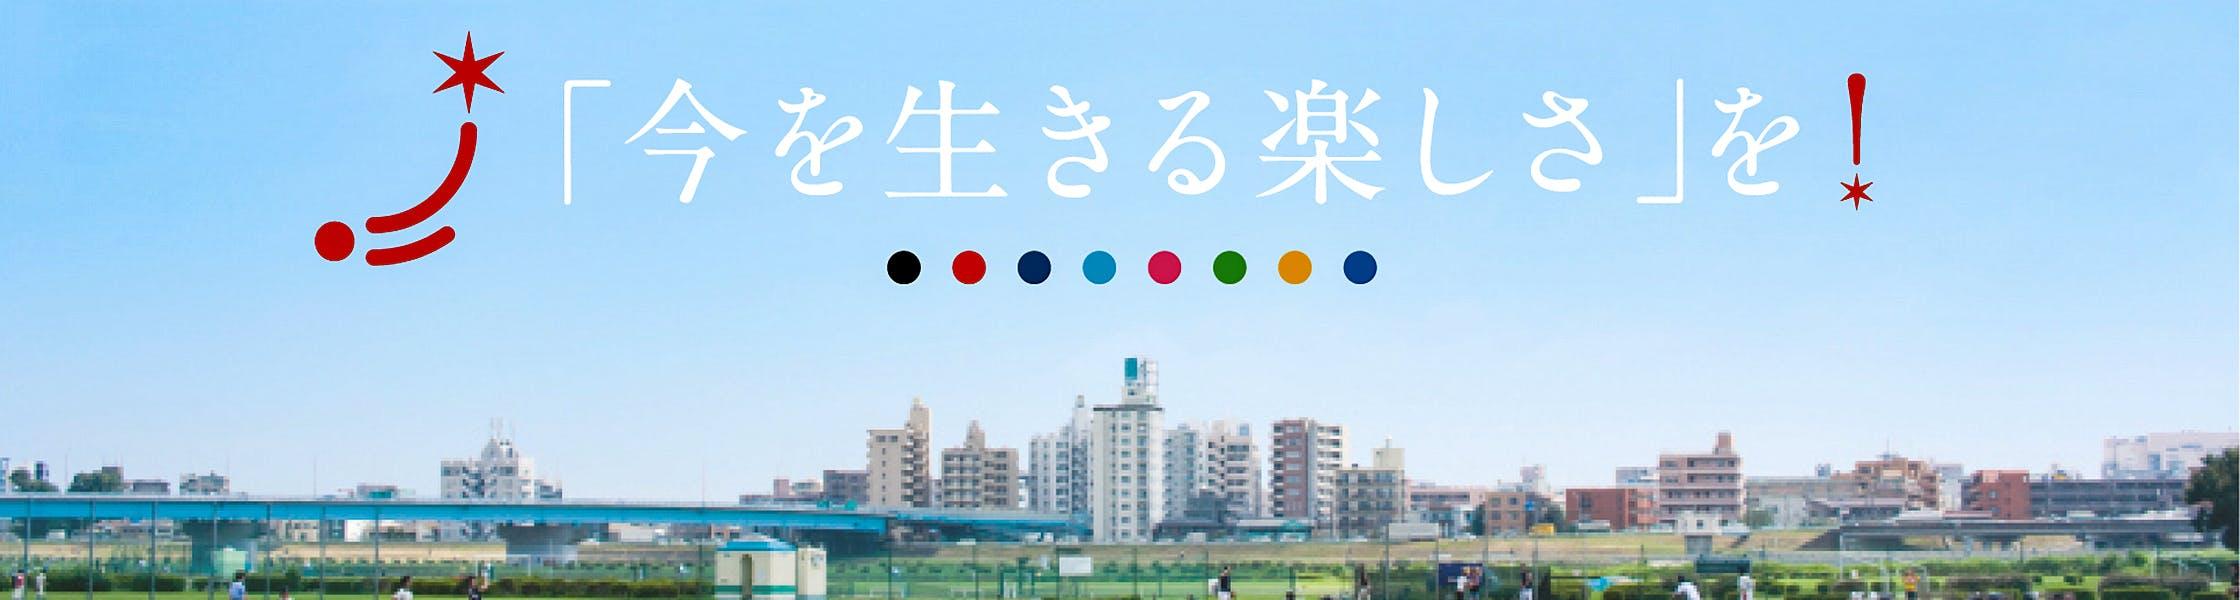 1571108403 japanet 1120x300 2x.jpg?ixlib=rails 3.0